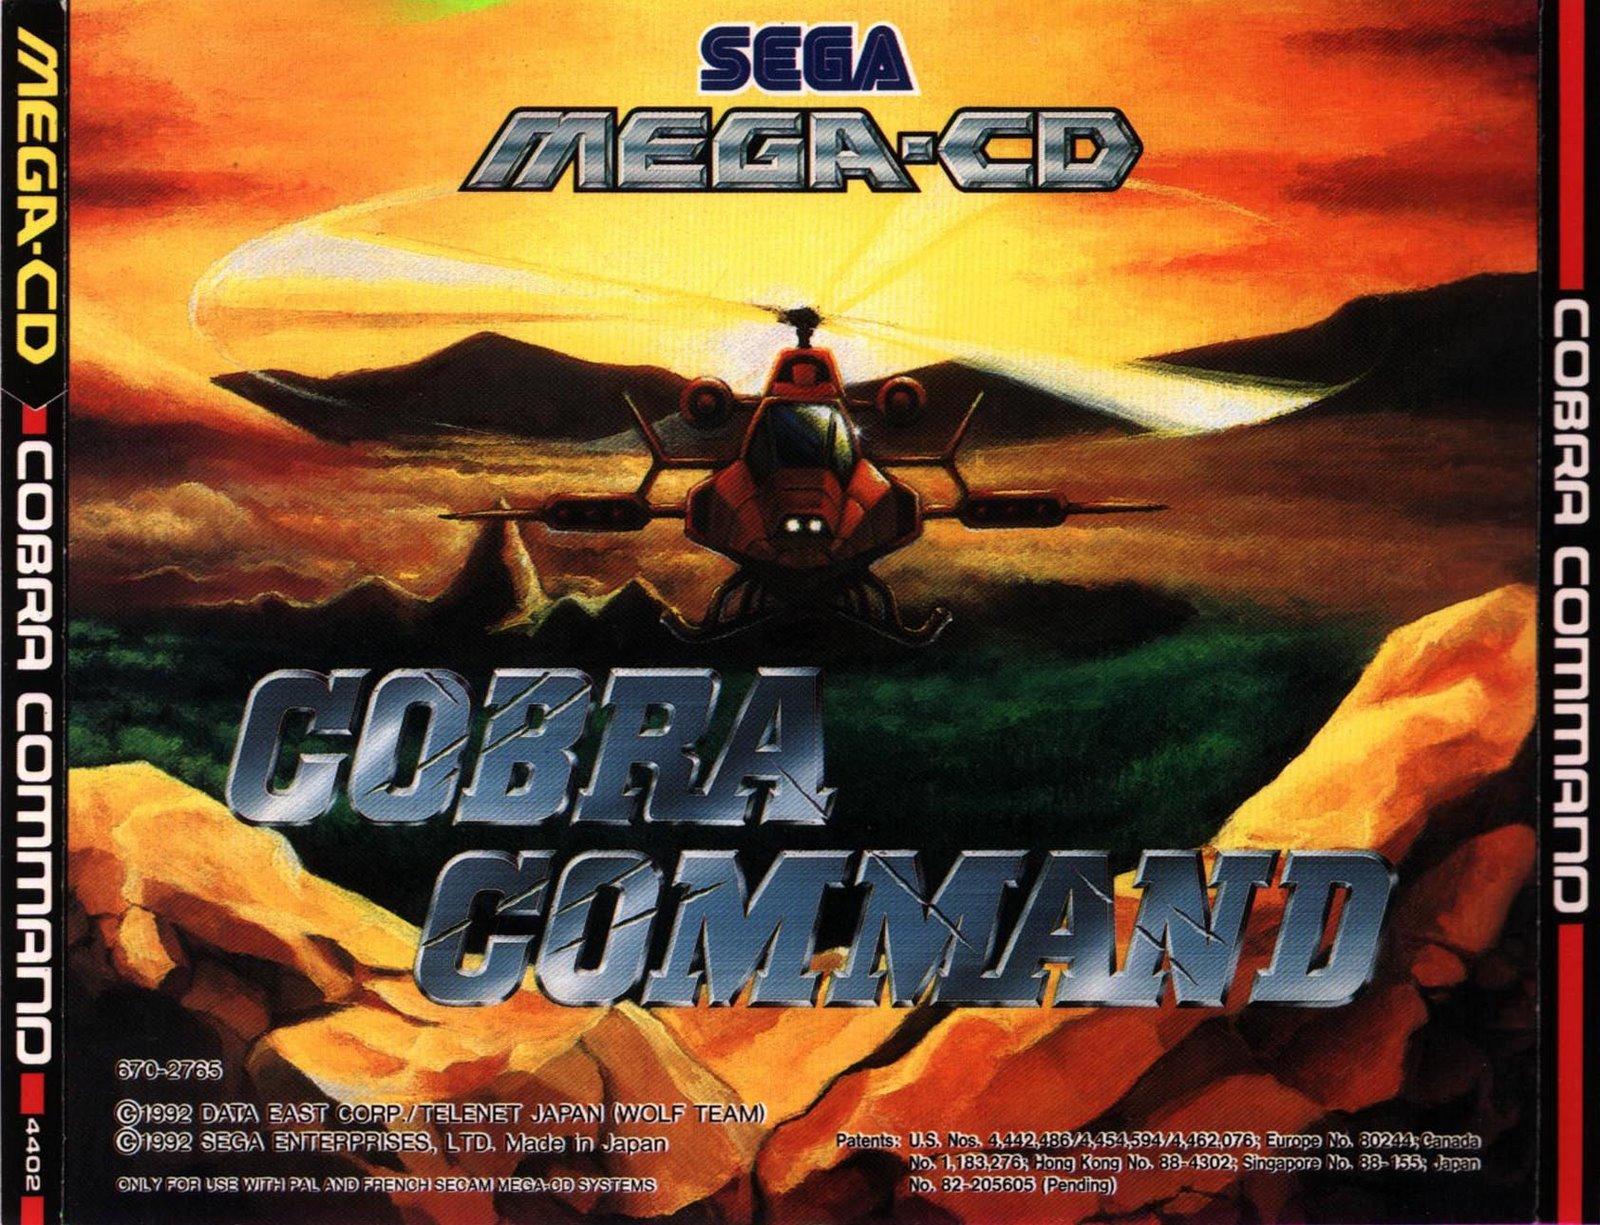 Le saviez-vous? Cobra%20Command%20(E)%20(Front)